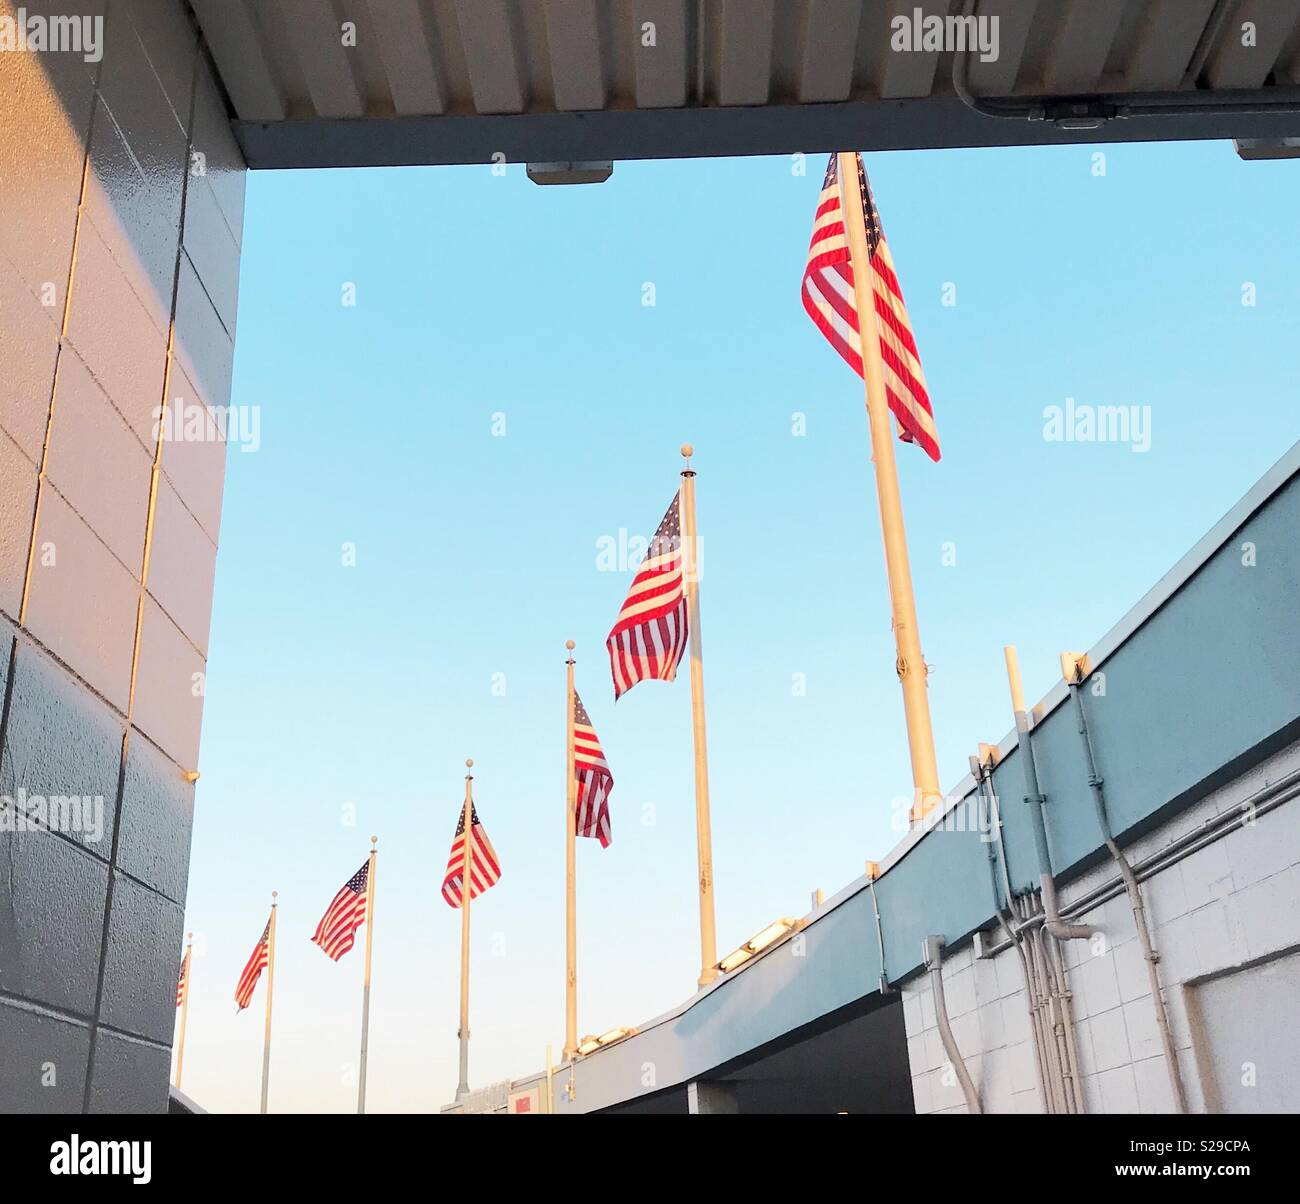 Amerikanische Fahnen Fliegen in einer Gruppe gegen den blauen Himmel. Stockbild